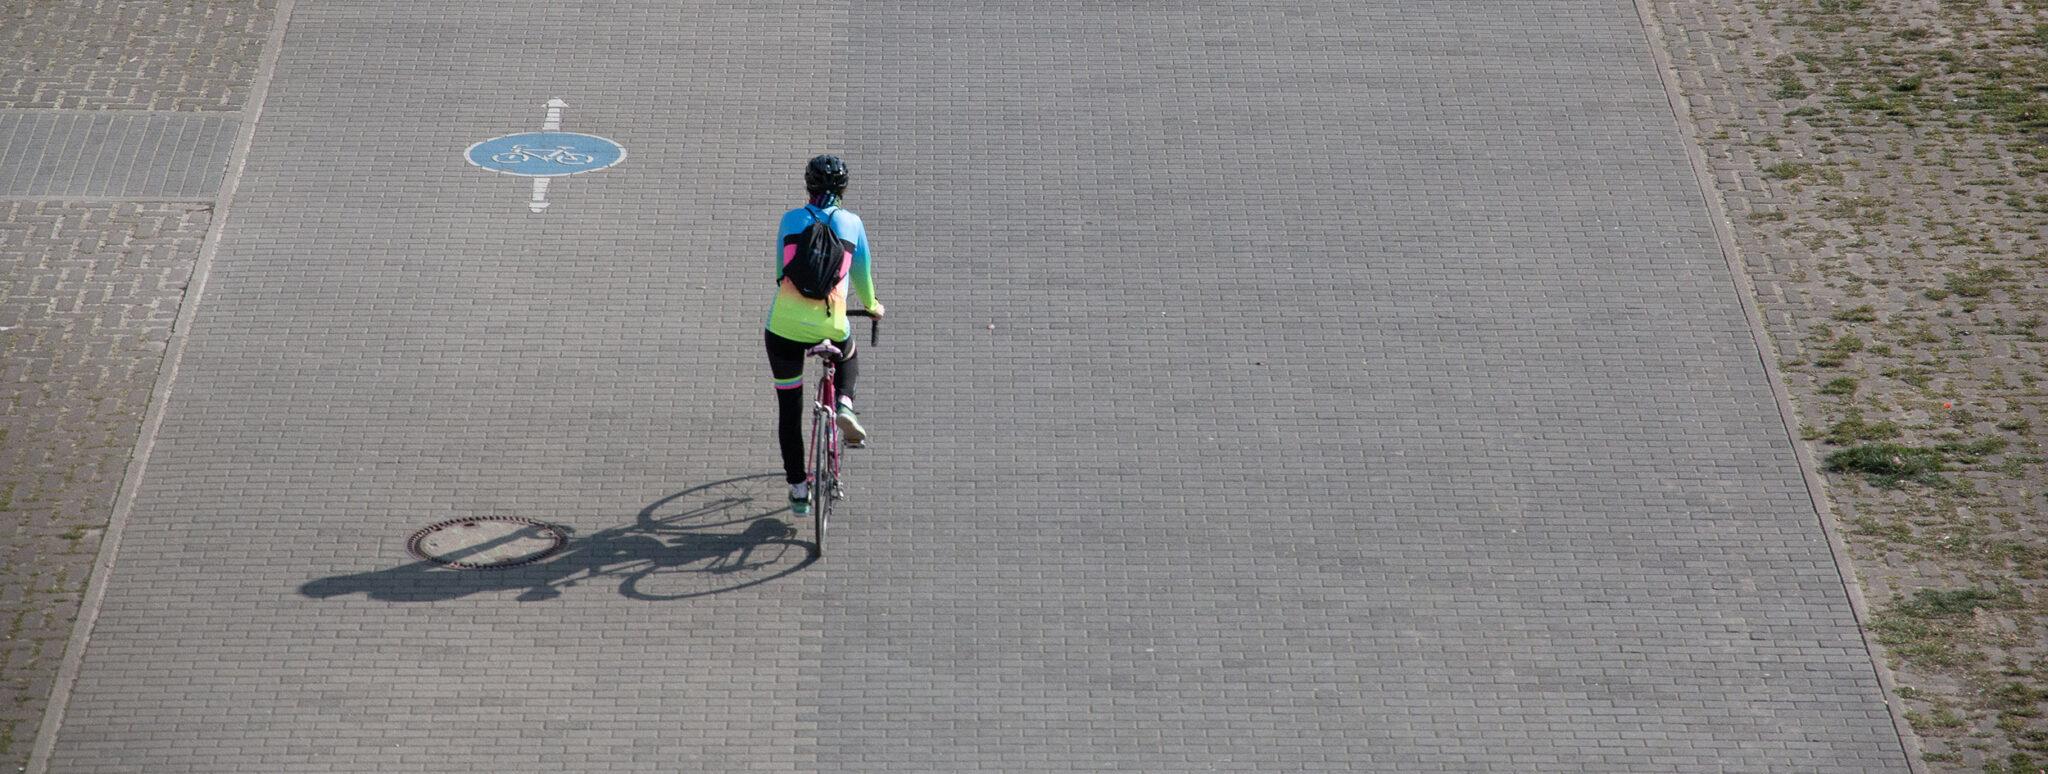 Radfahrer mit Abstand